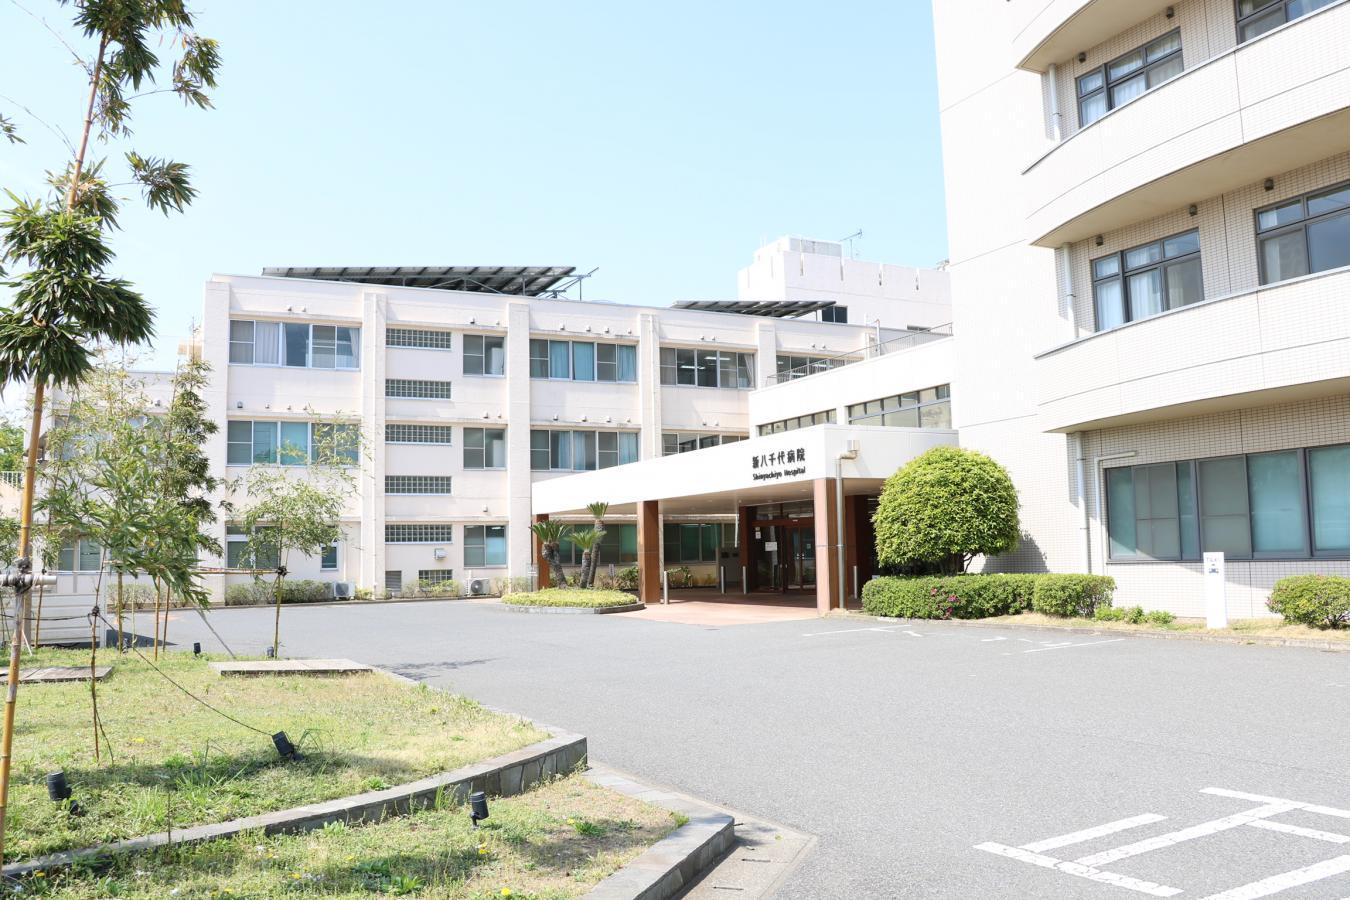 「新八千代病院(千葉県八千代市米本2167)」の画像検索結果